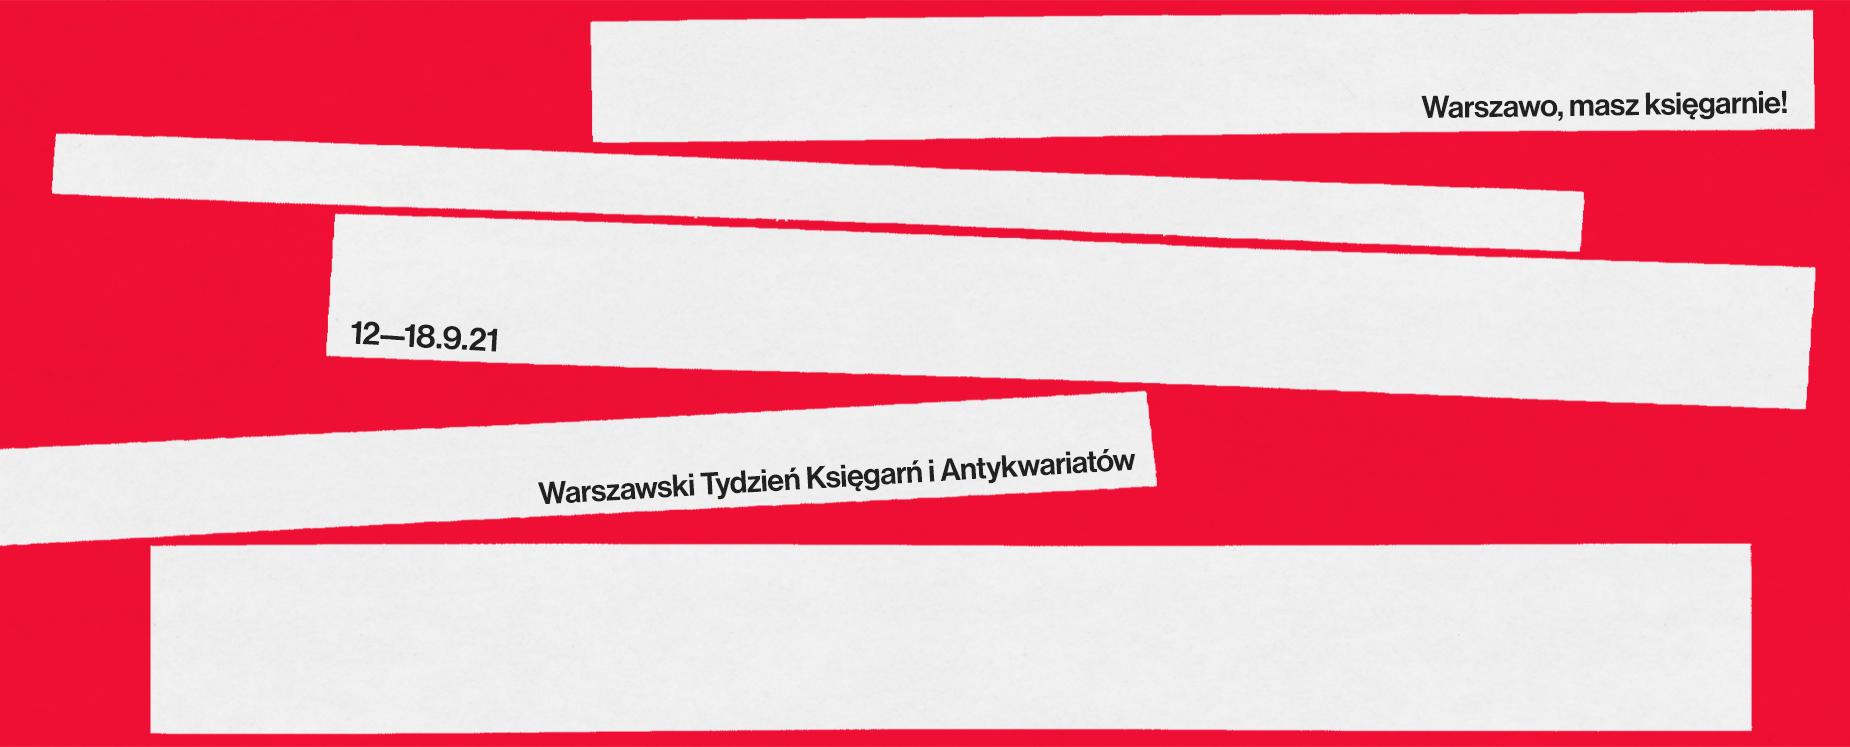 Obraz w sliderze - Warszawski Tydzień Księgarń i Antykwariatów 2021